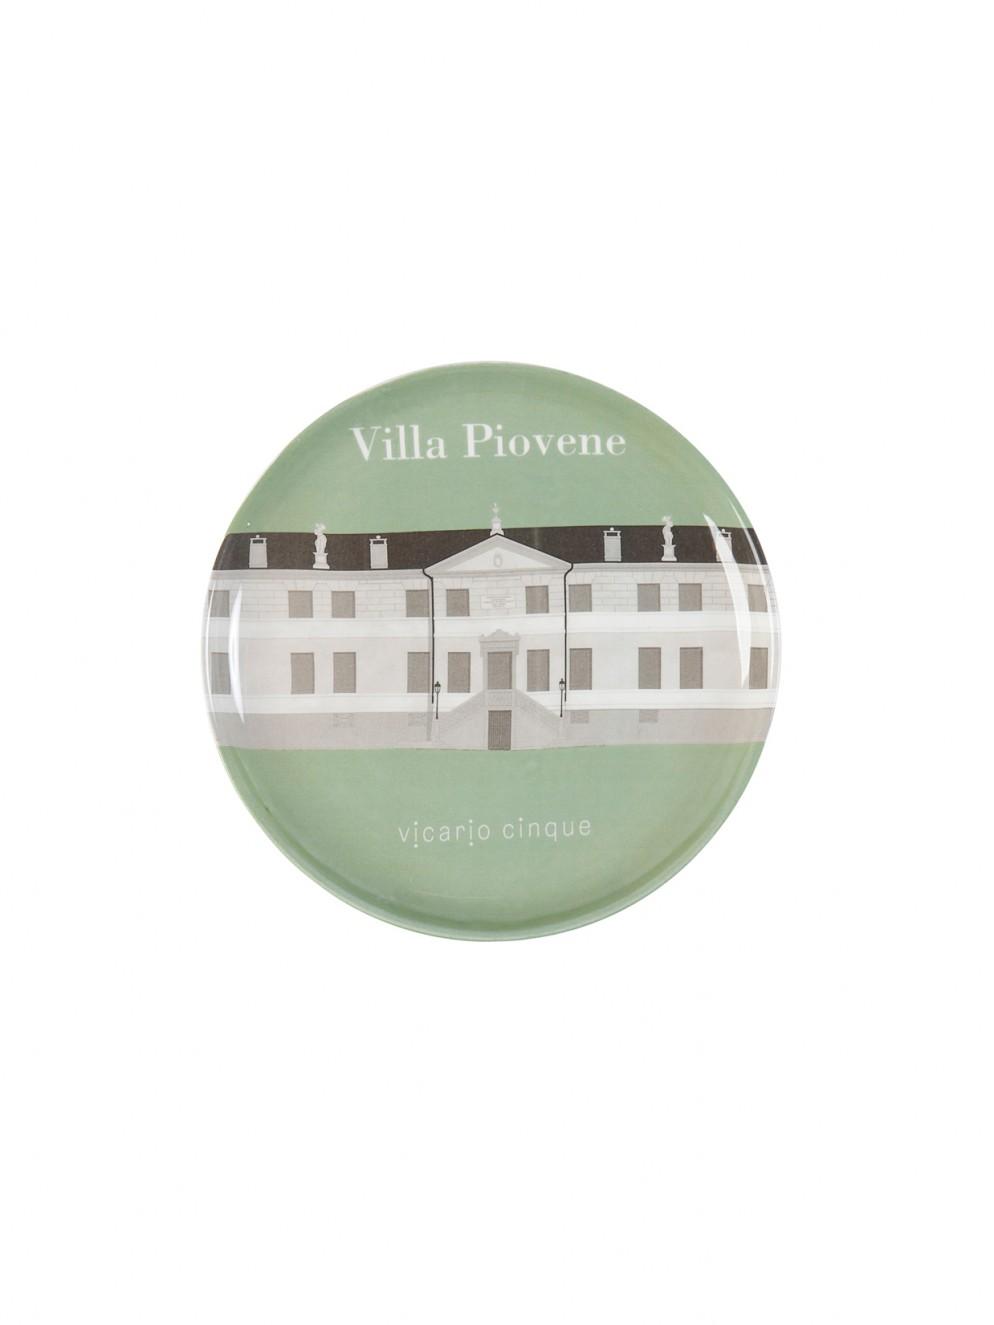 vicario-cinque-collezione-piatti-vasi-tazze-candele-profumatori-d-ambiente-06